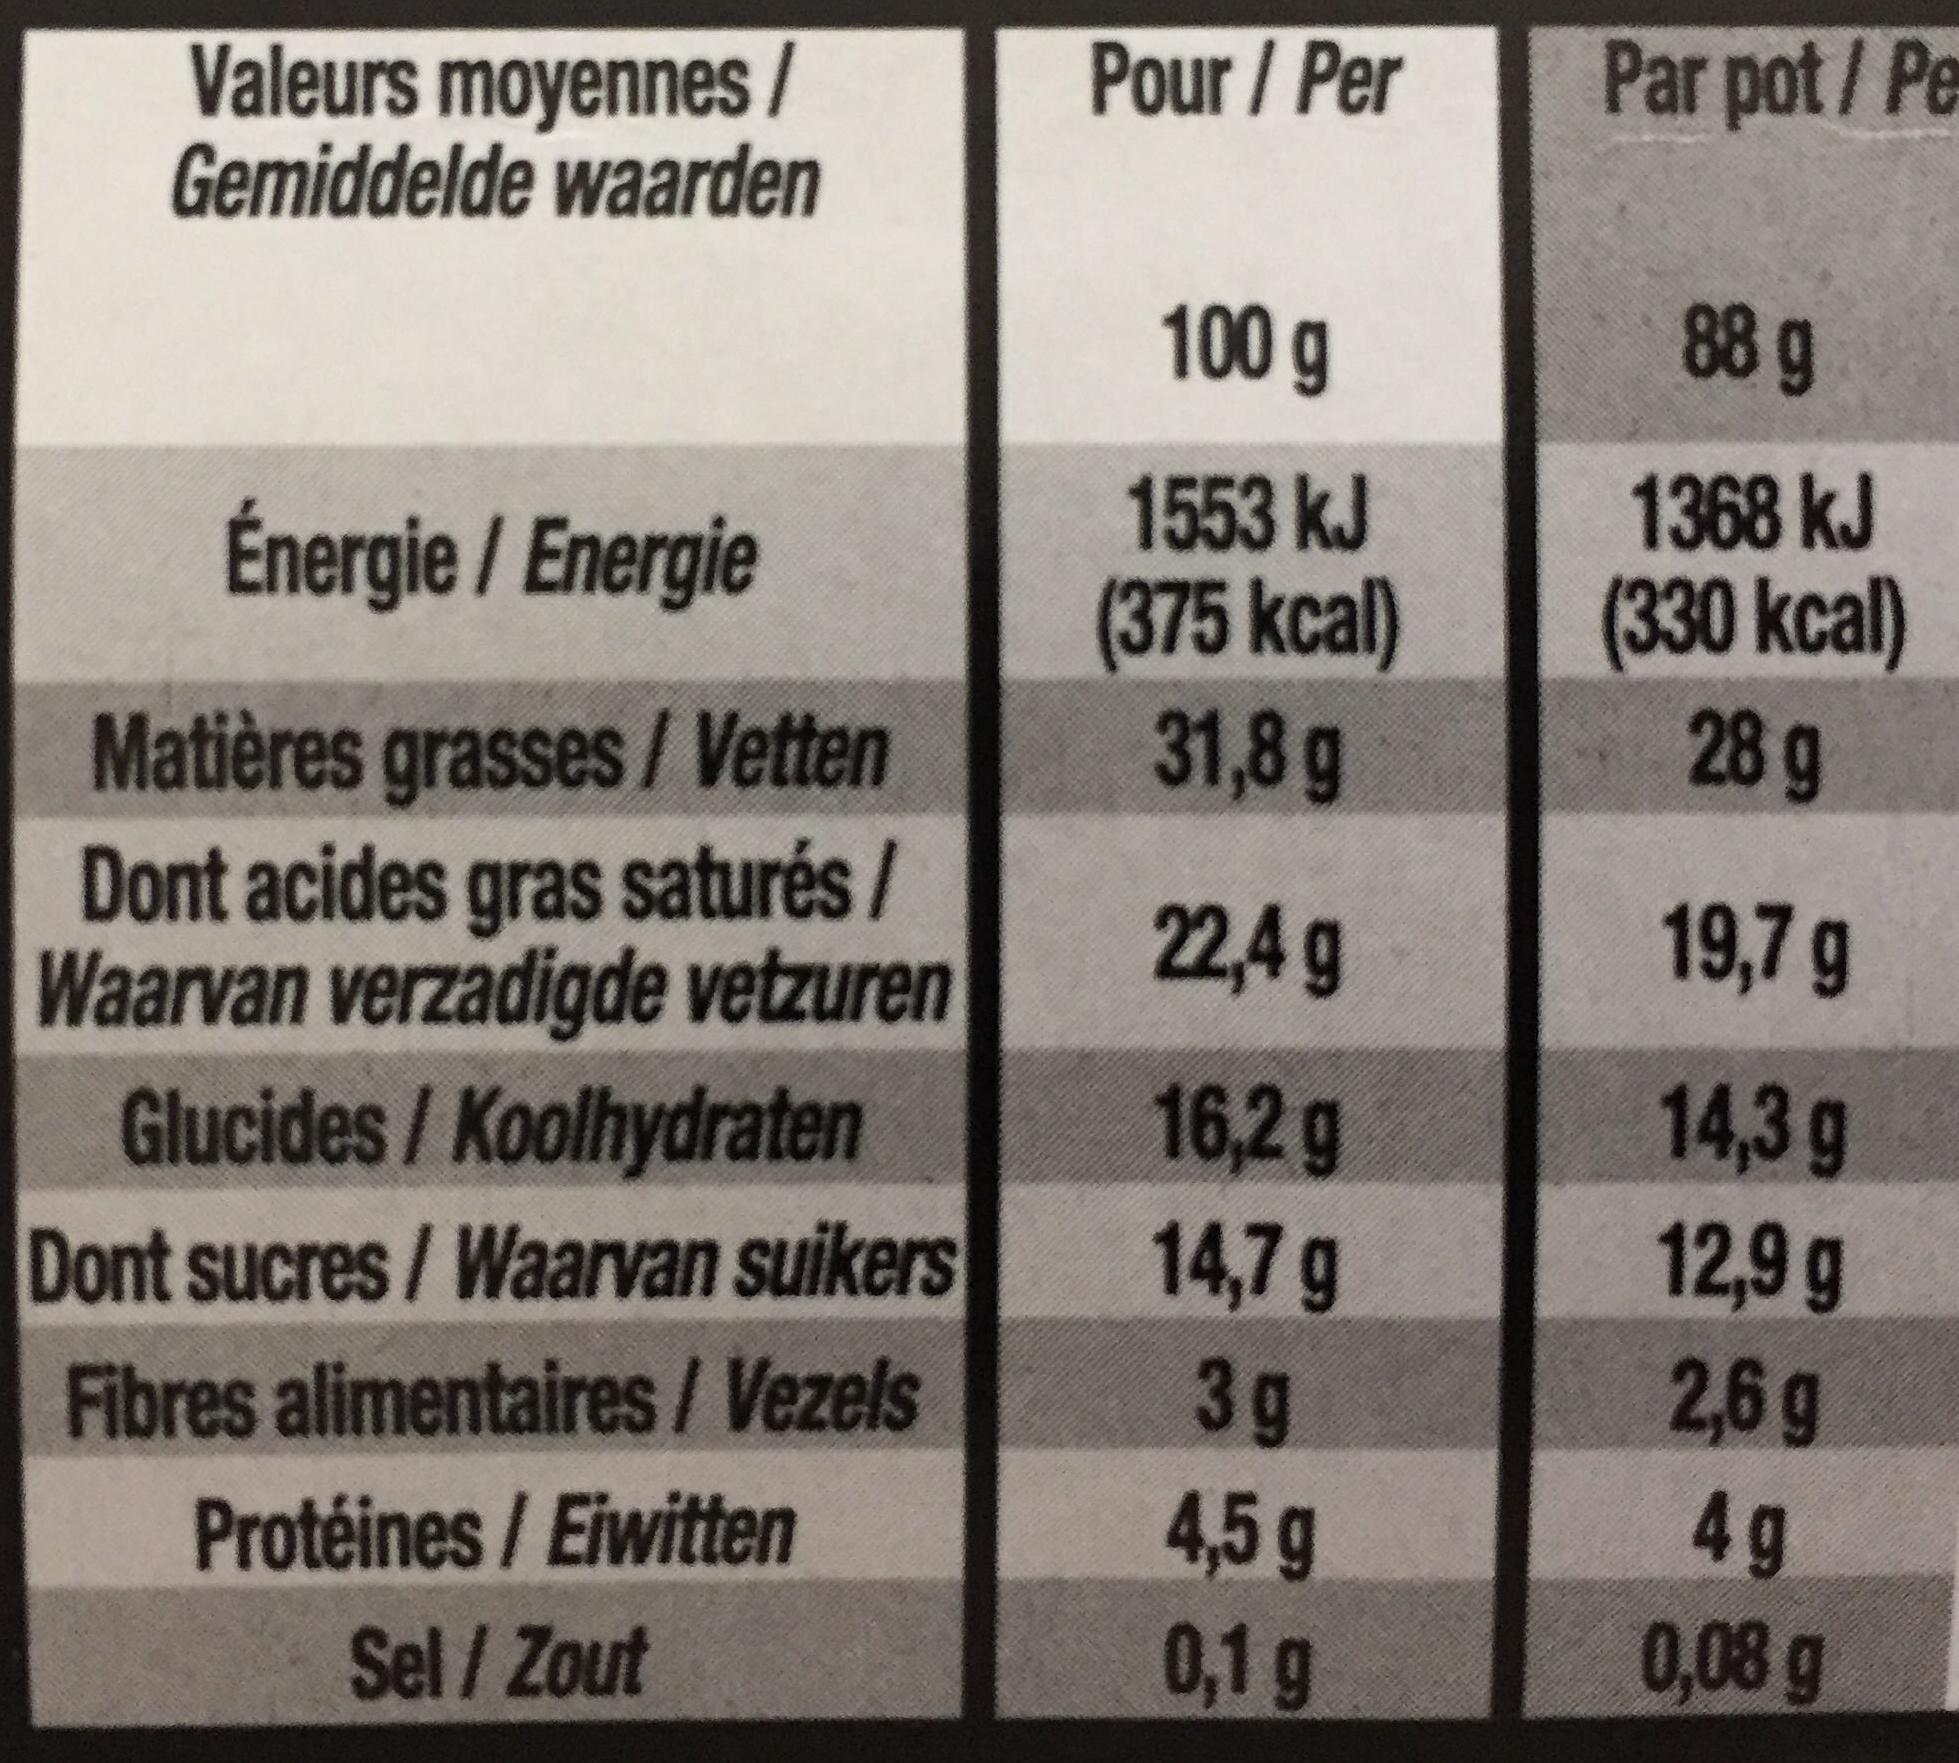 Mousse sur ganache chocolat - Nutrition facts - fr